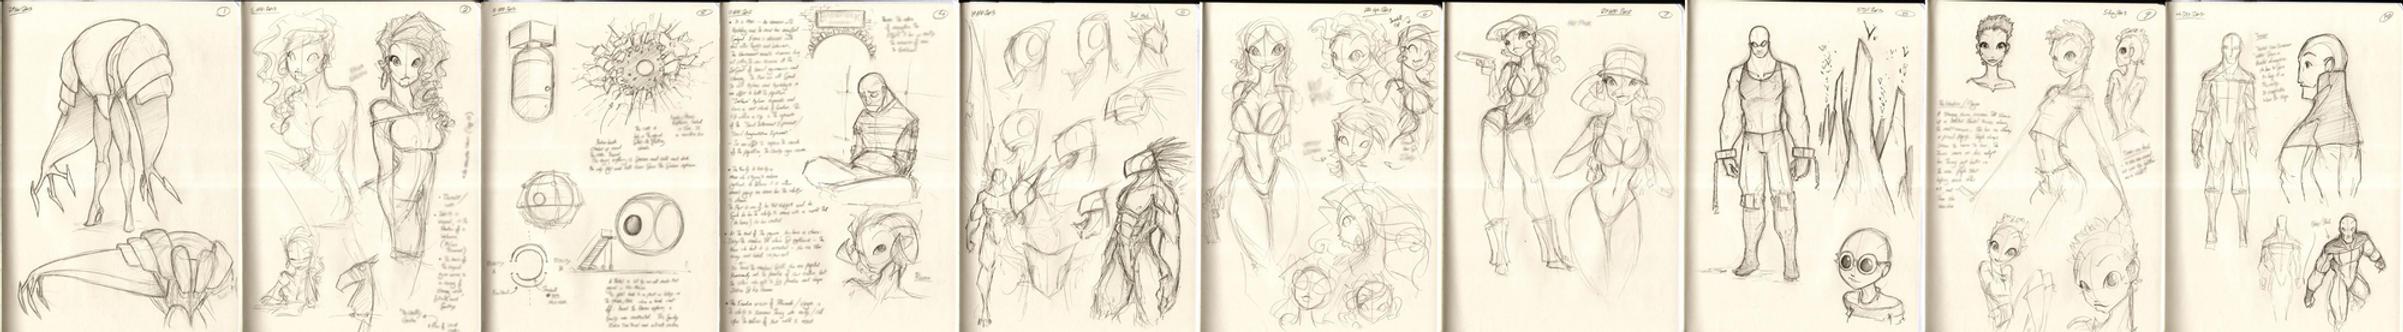 Sketchbook 03 01 by jollyjack